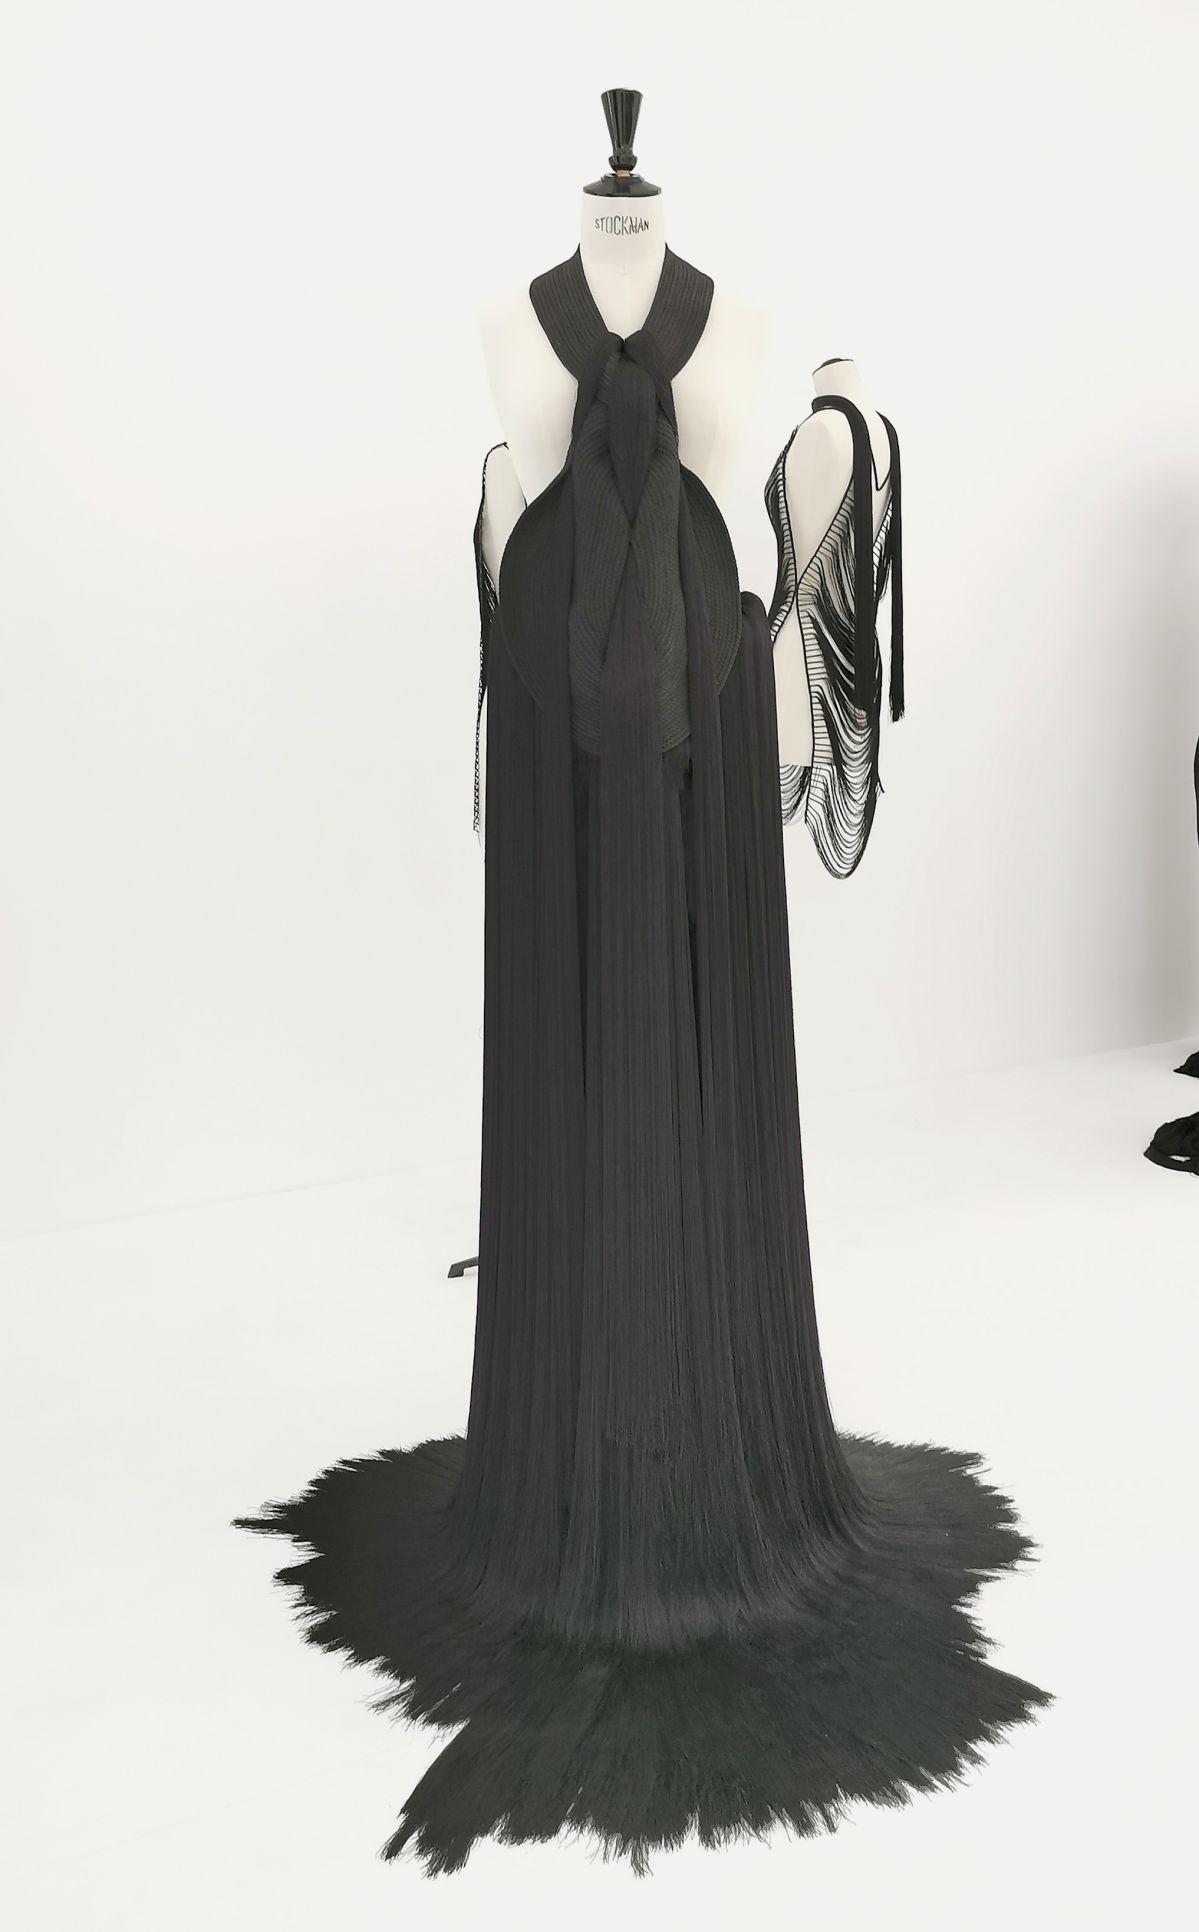 Jeanne Vicerial - Séries Armors - Arachné, 2020 - Des Vies - ¡ Viva Villa ! 2020 - Les vies minuscules à la Collection Lambert, Avignon